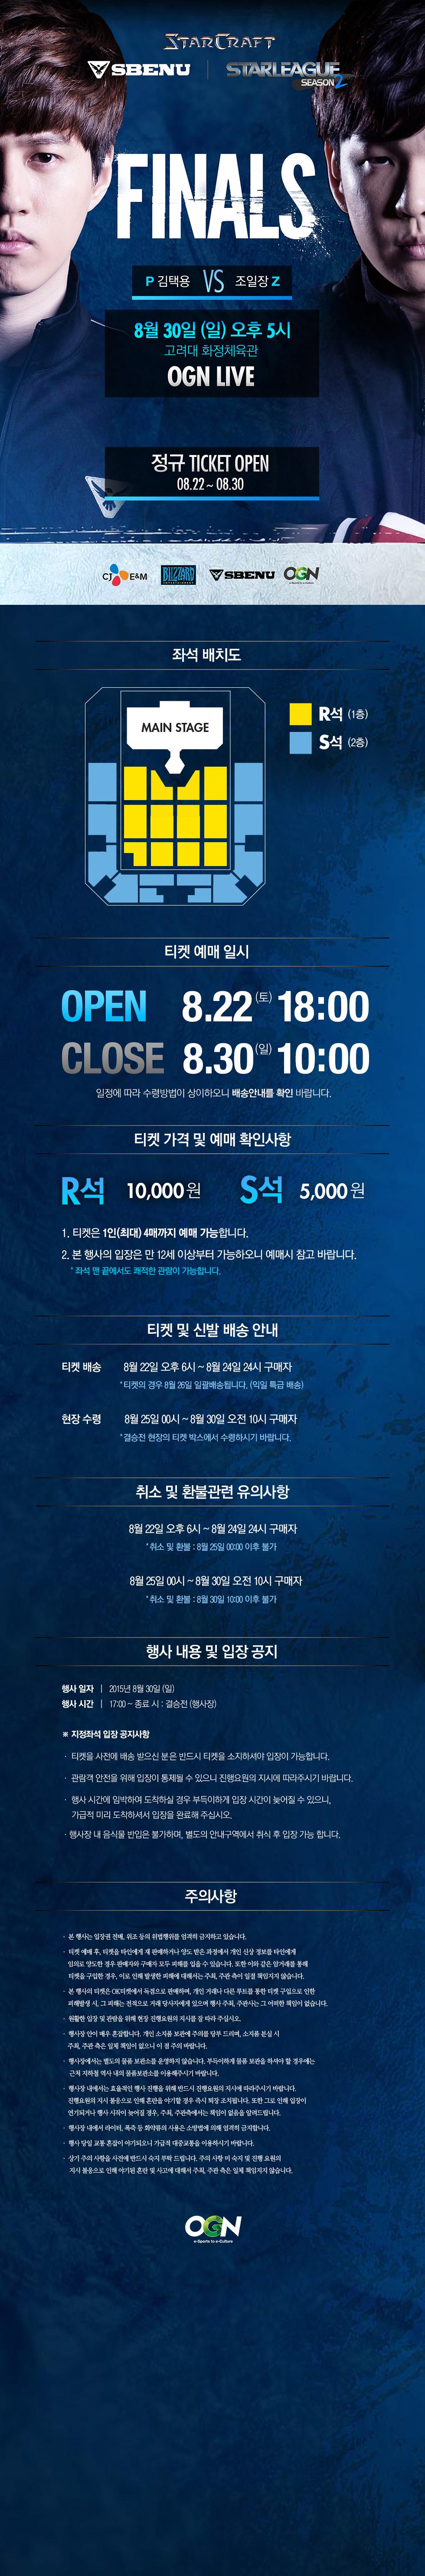 스타리그 시즌2 결승전 상세이미지 최종.jpg